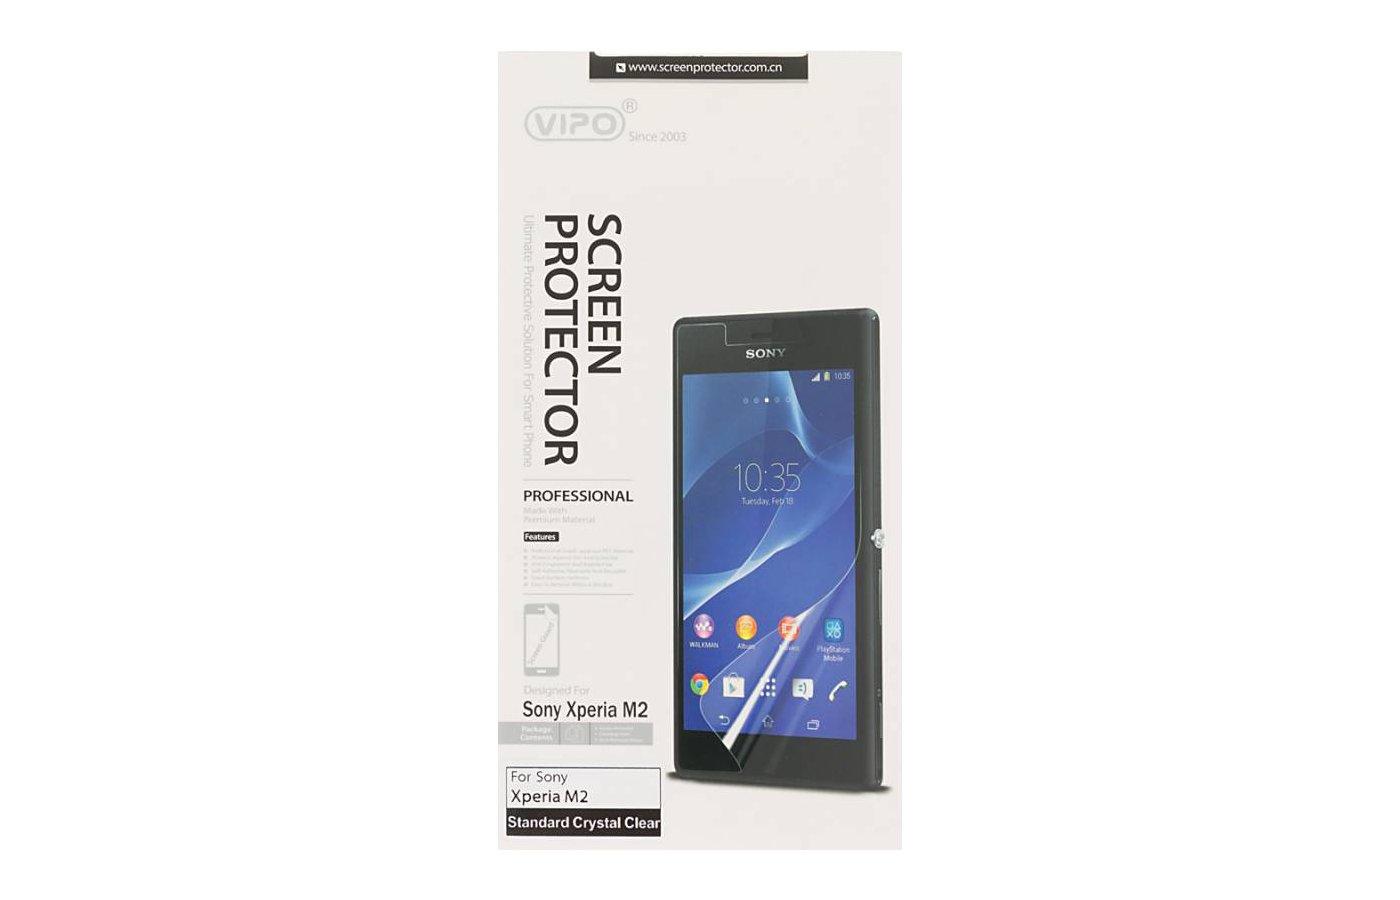 Стекло Vipo пленка для Sony Xperia M2 прозрачная